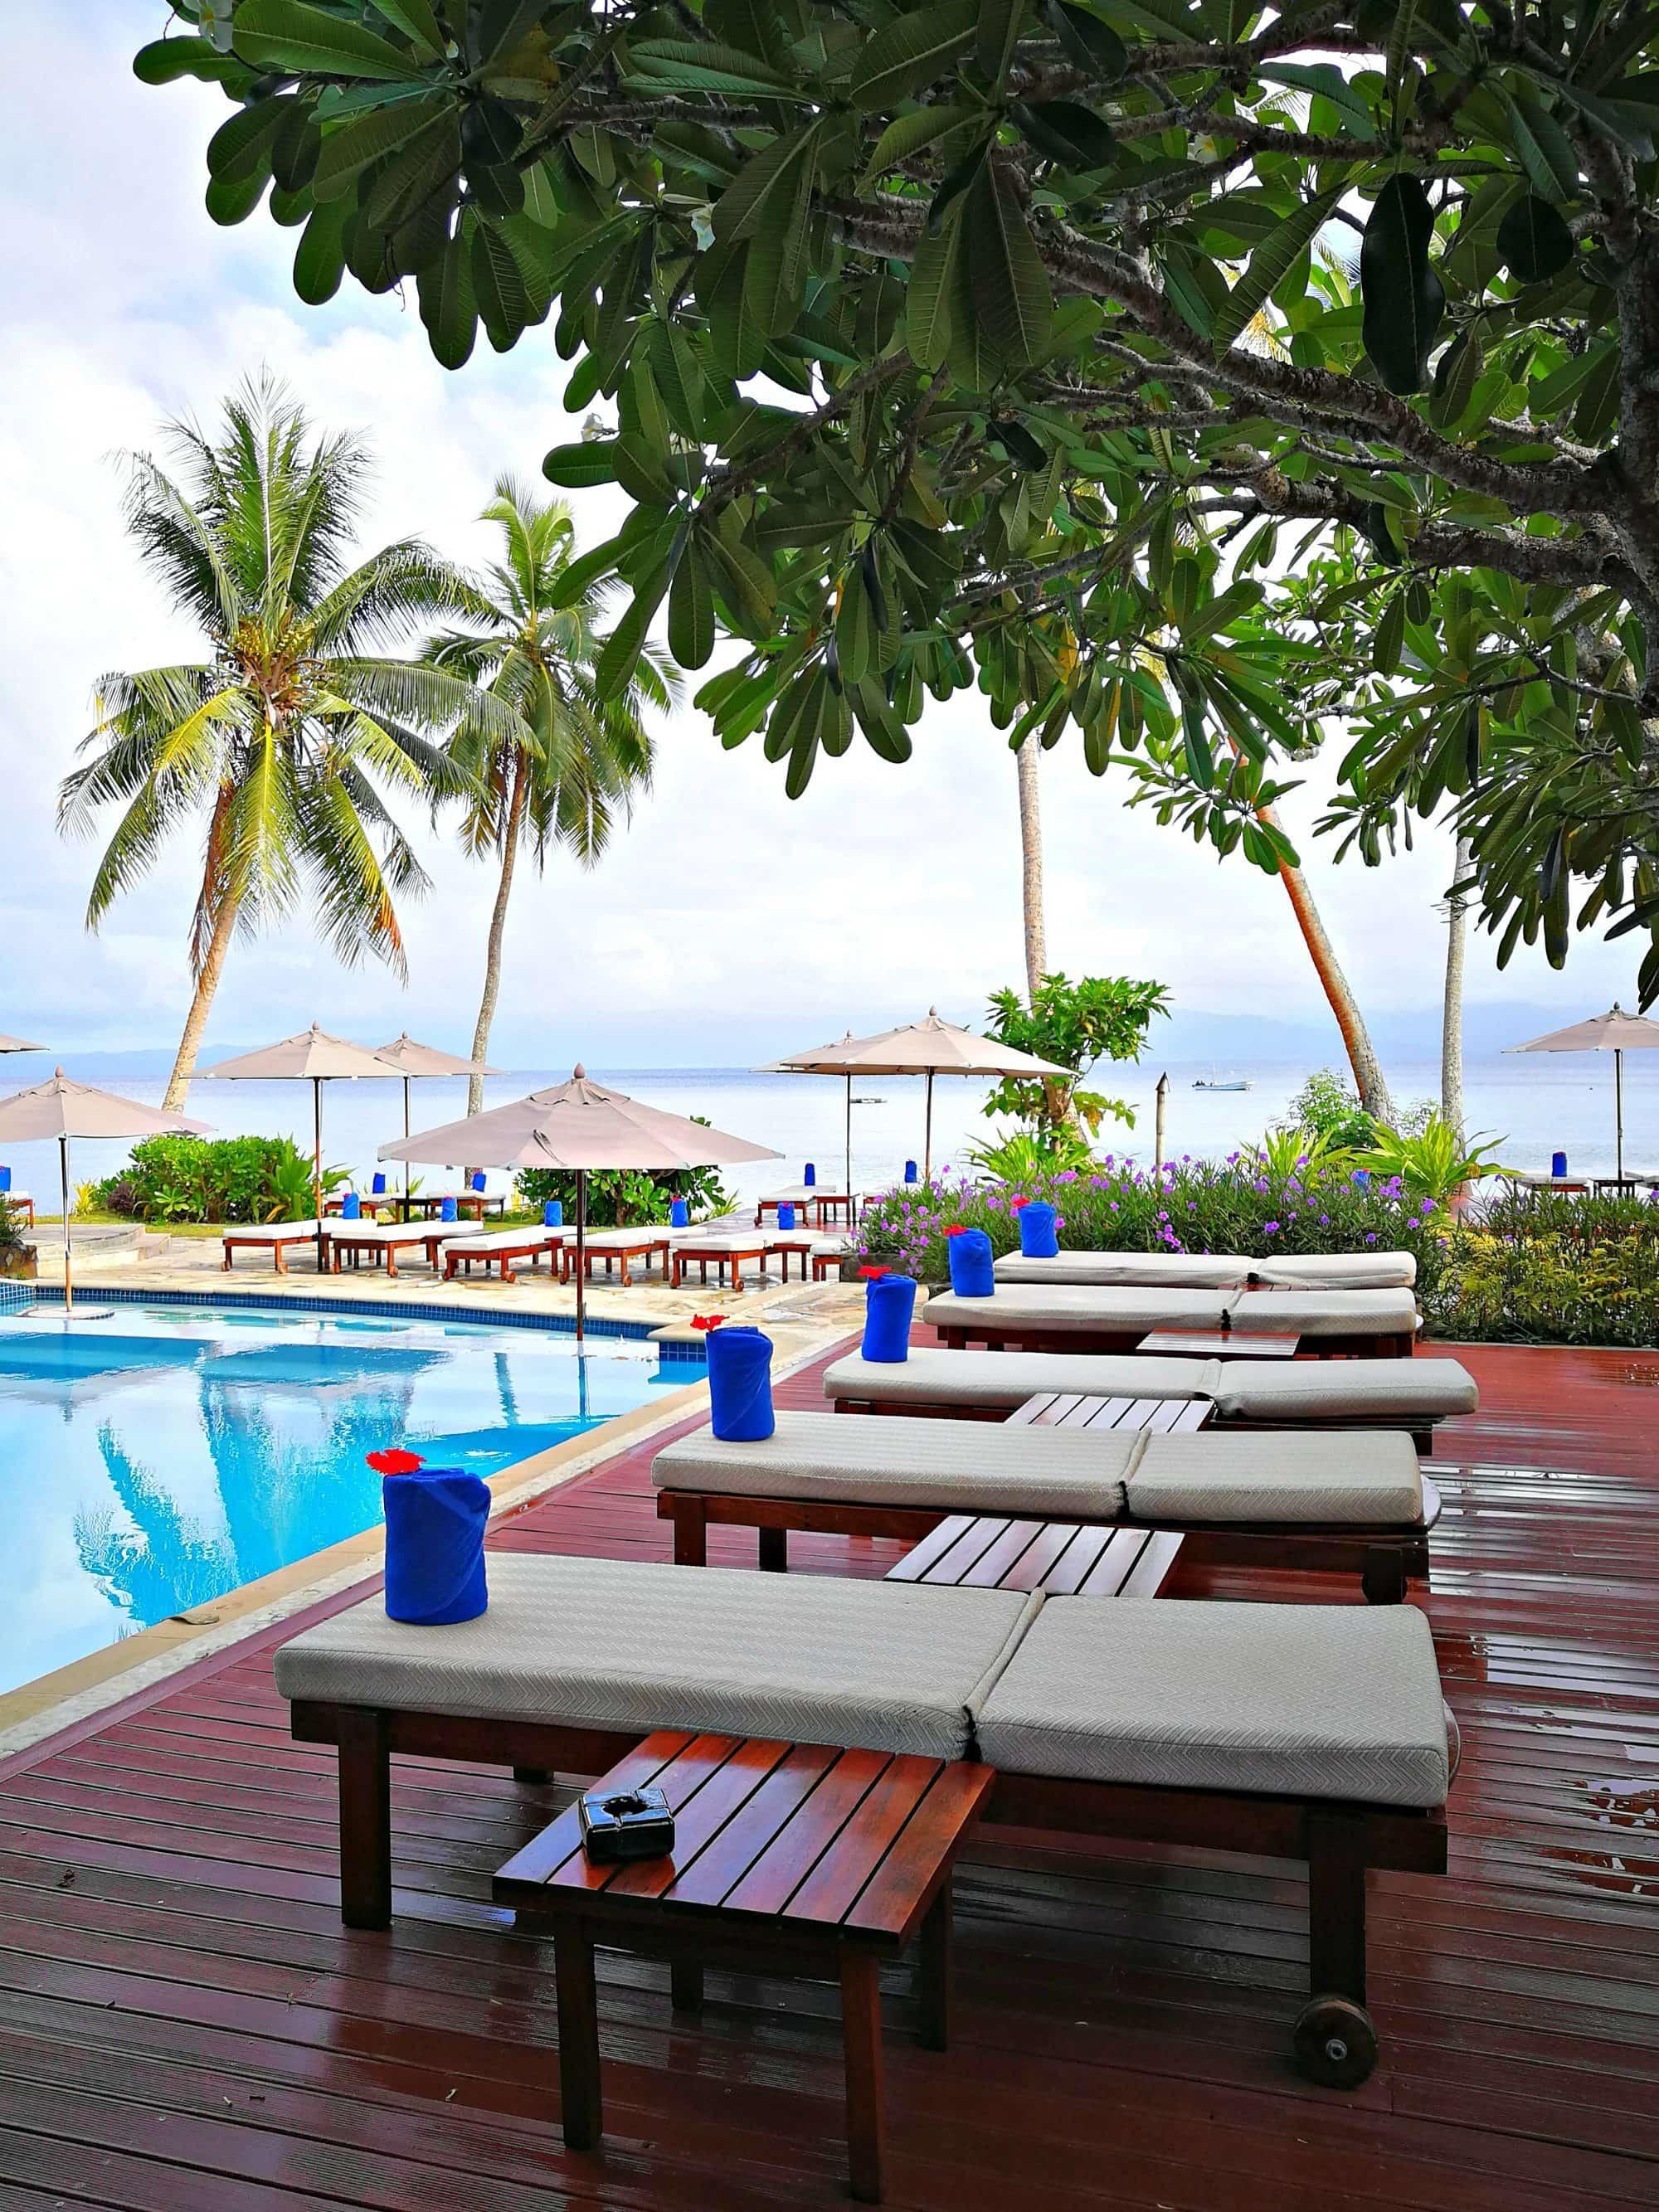 Jean-Michel Cousteau Resort in Fiji with kids